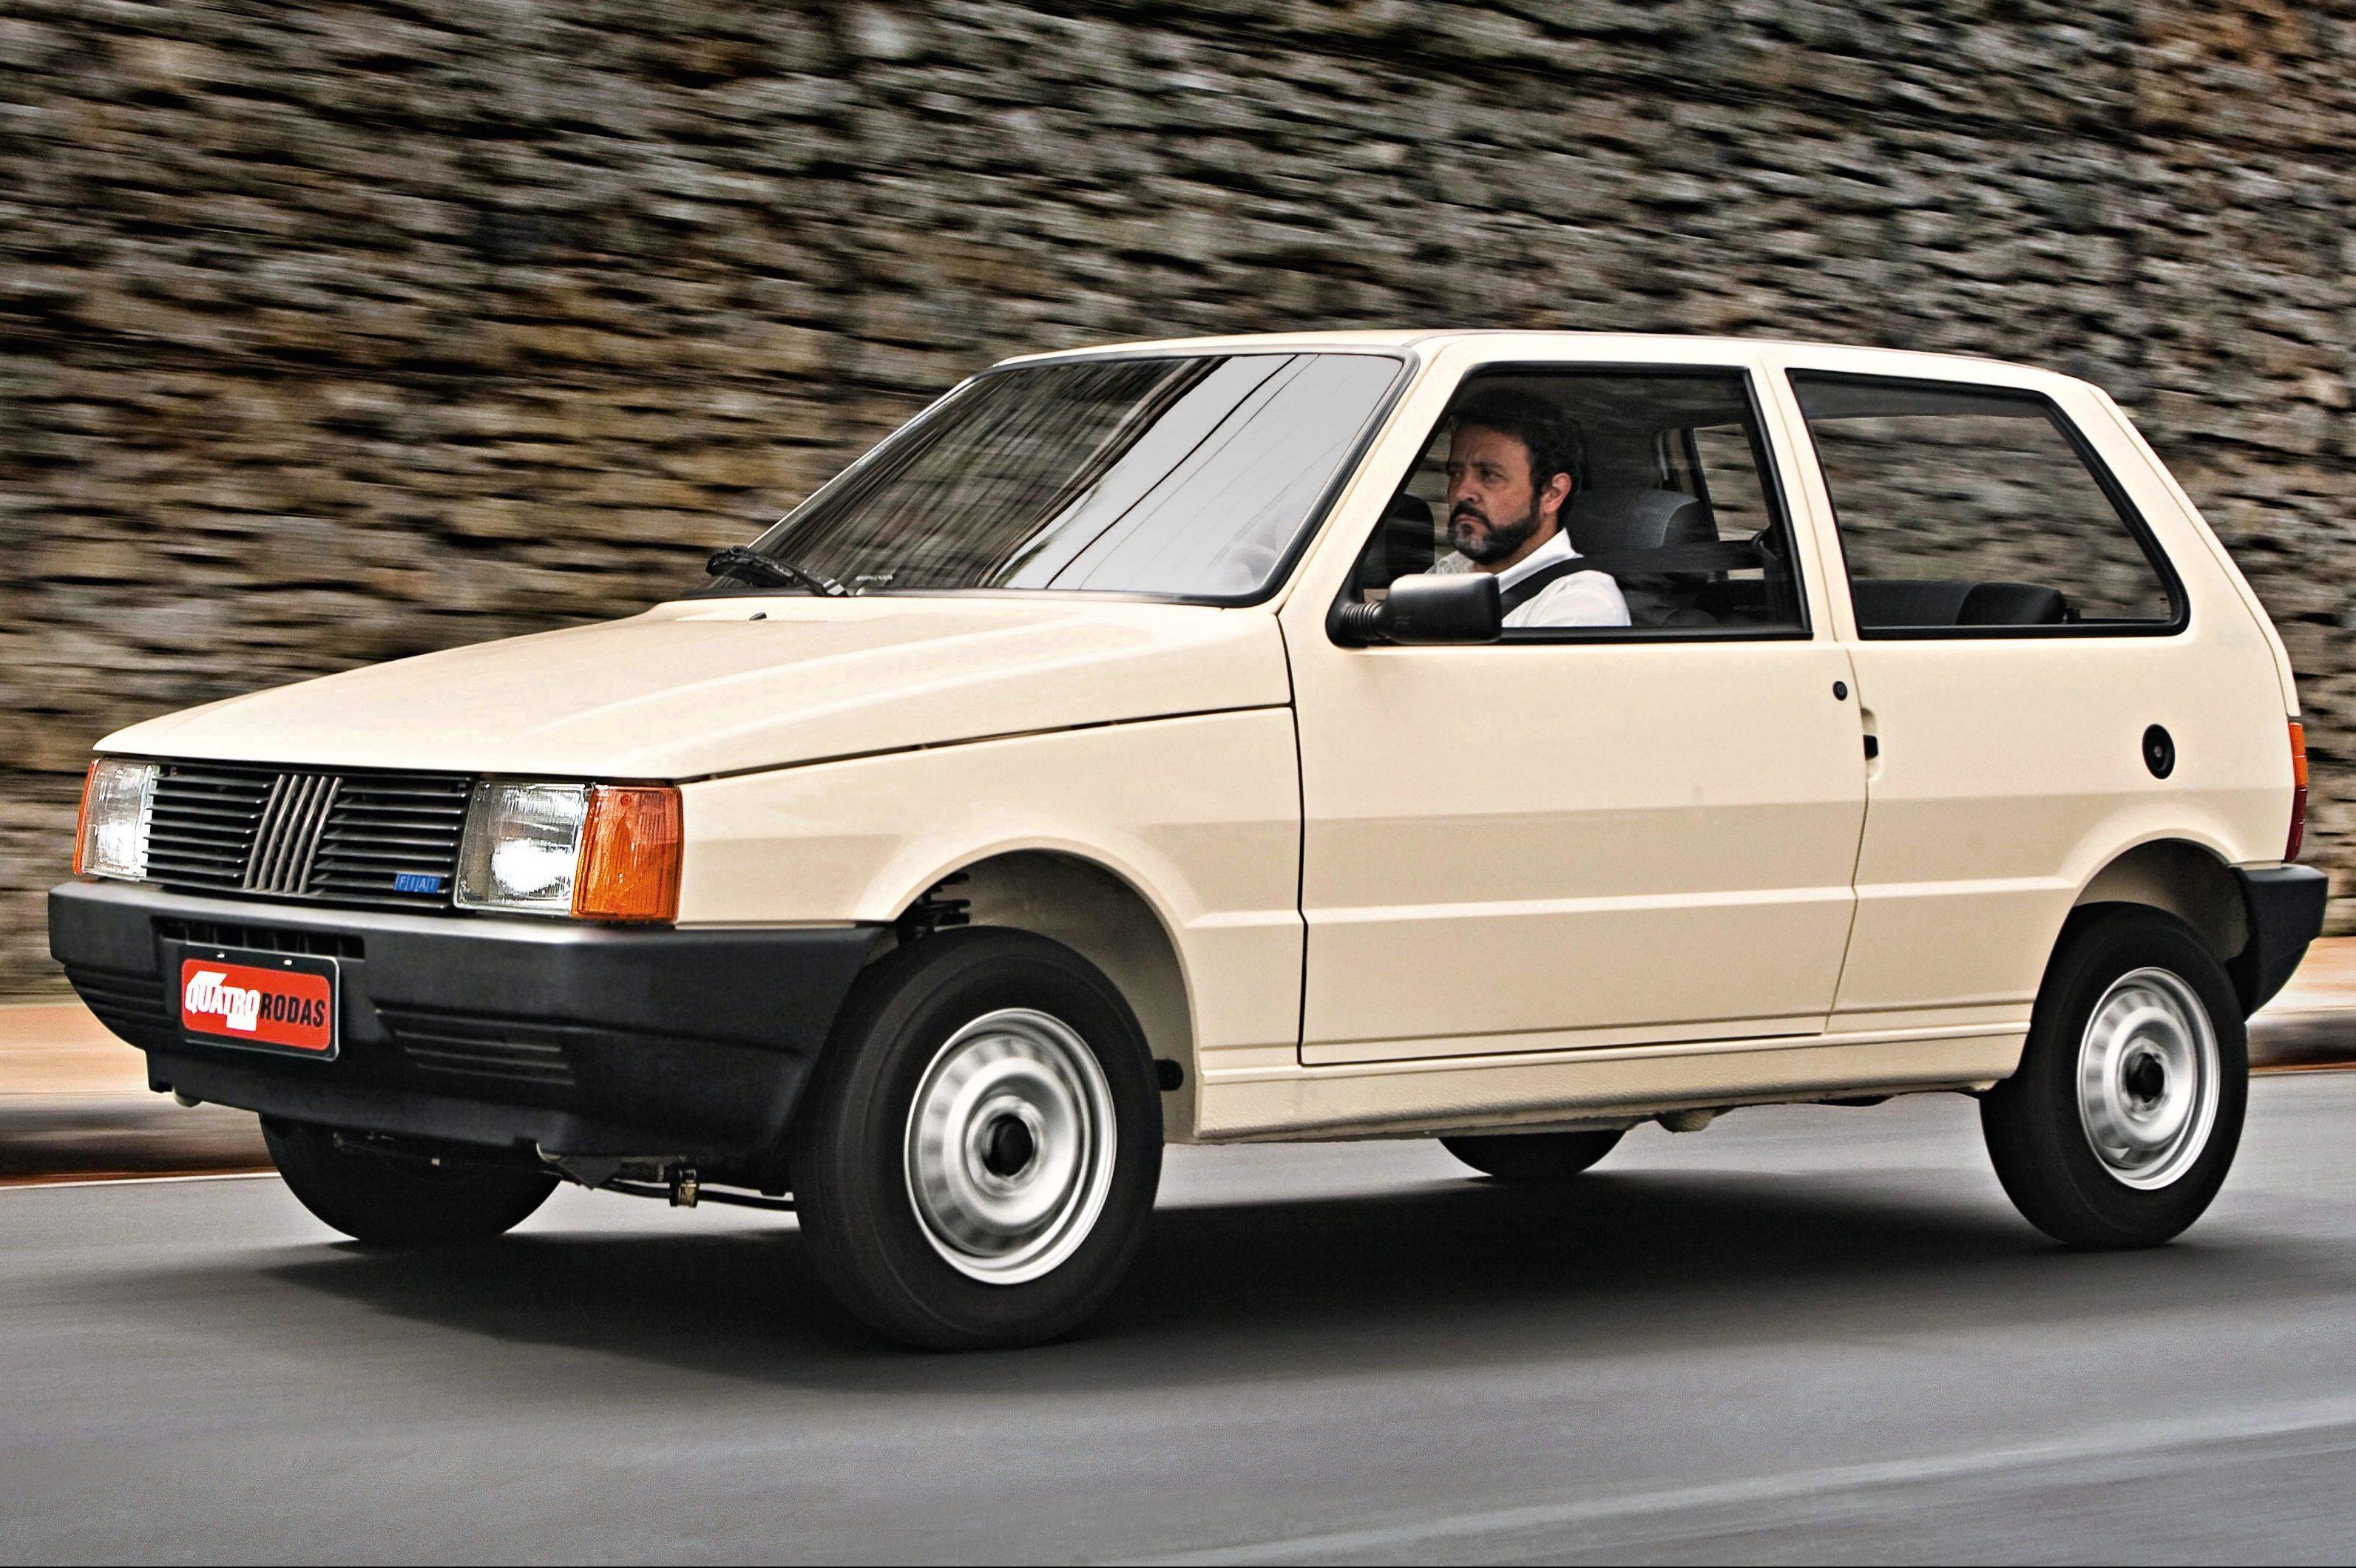 Fiat Uno 35 Anos Inovacoes E Polemicas Do Fiat Mais Duradouro Do Brasil Quatro Rodas